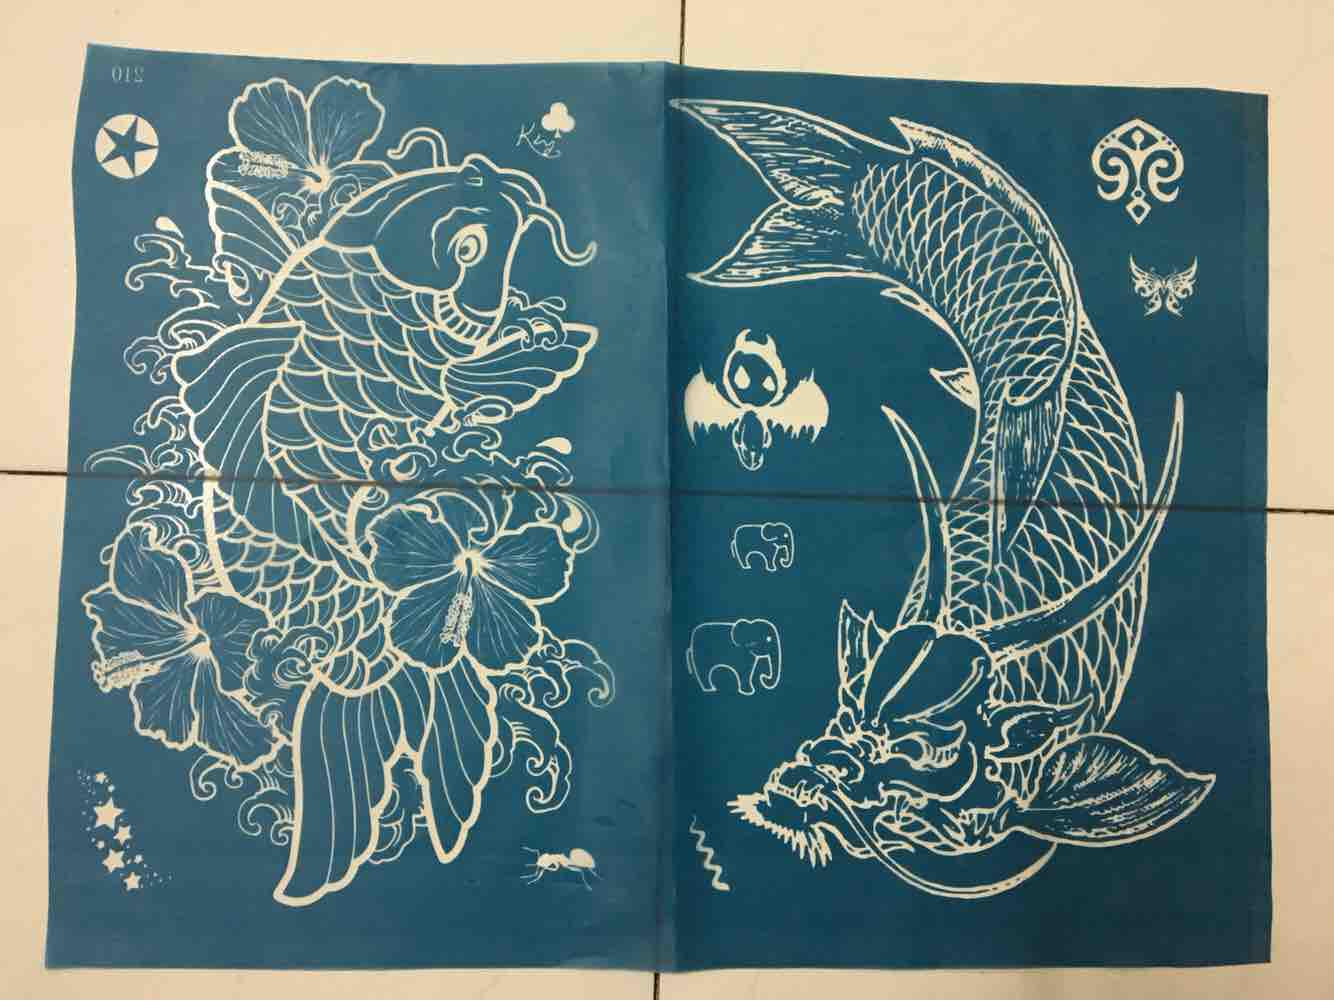 1 Tấm khung xăm henna hoặc Inkbox size to kín lưng Tặng kèm Mực henna và dụng cụ